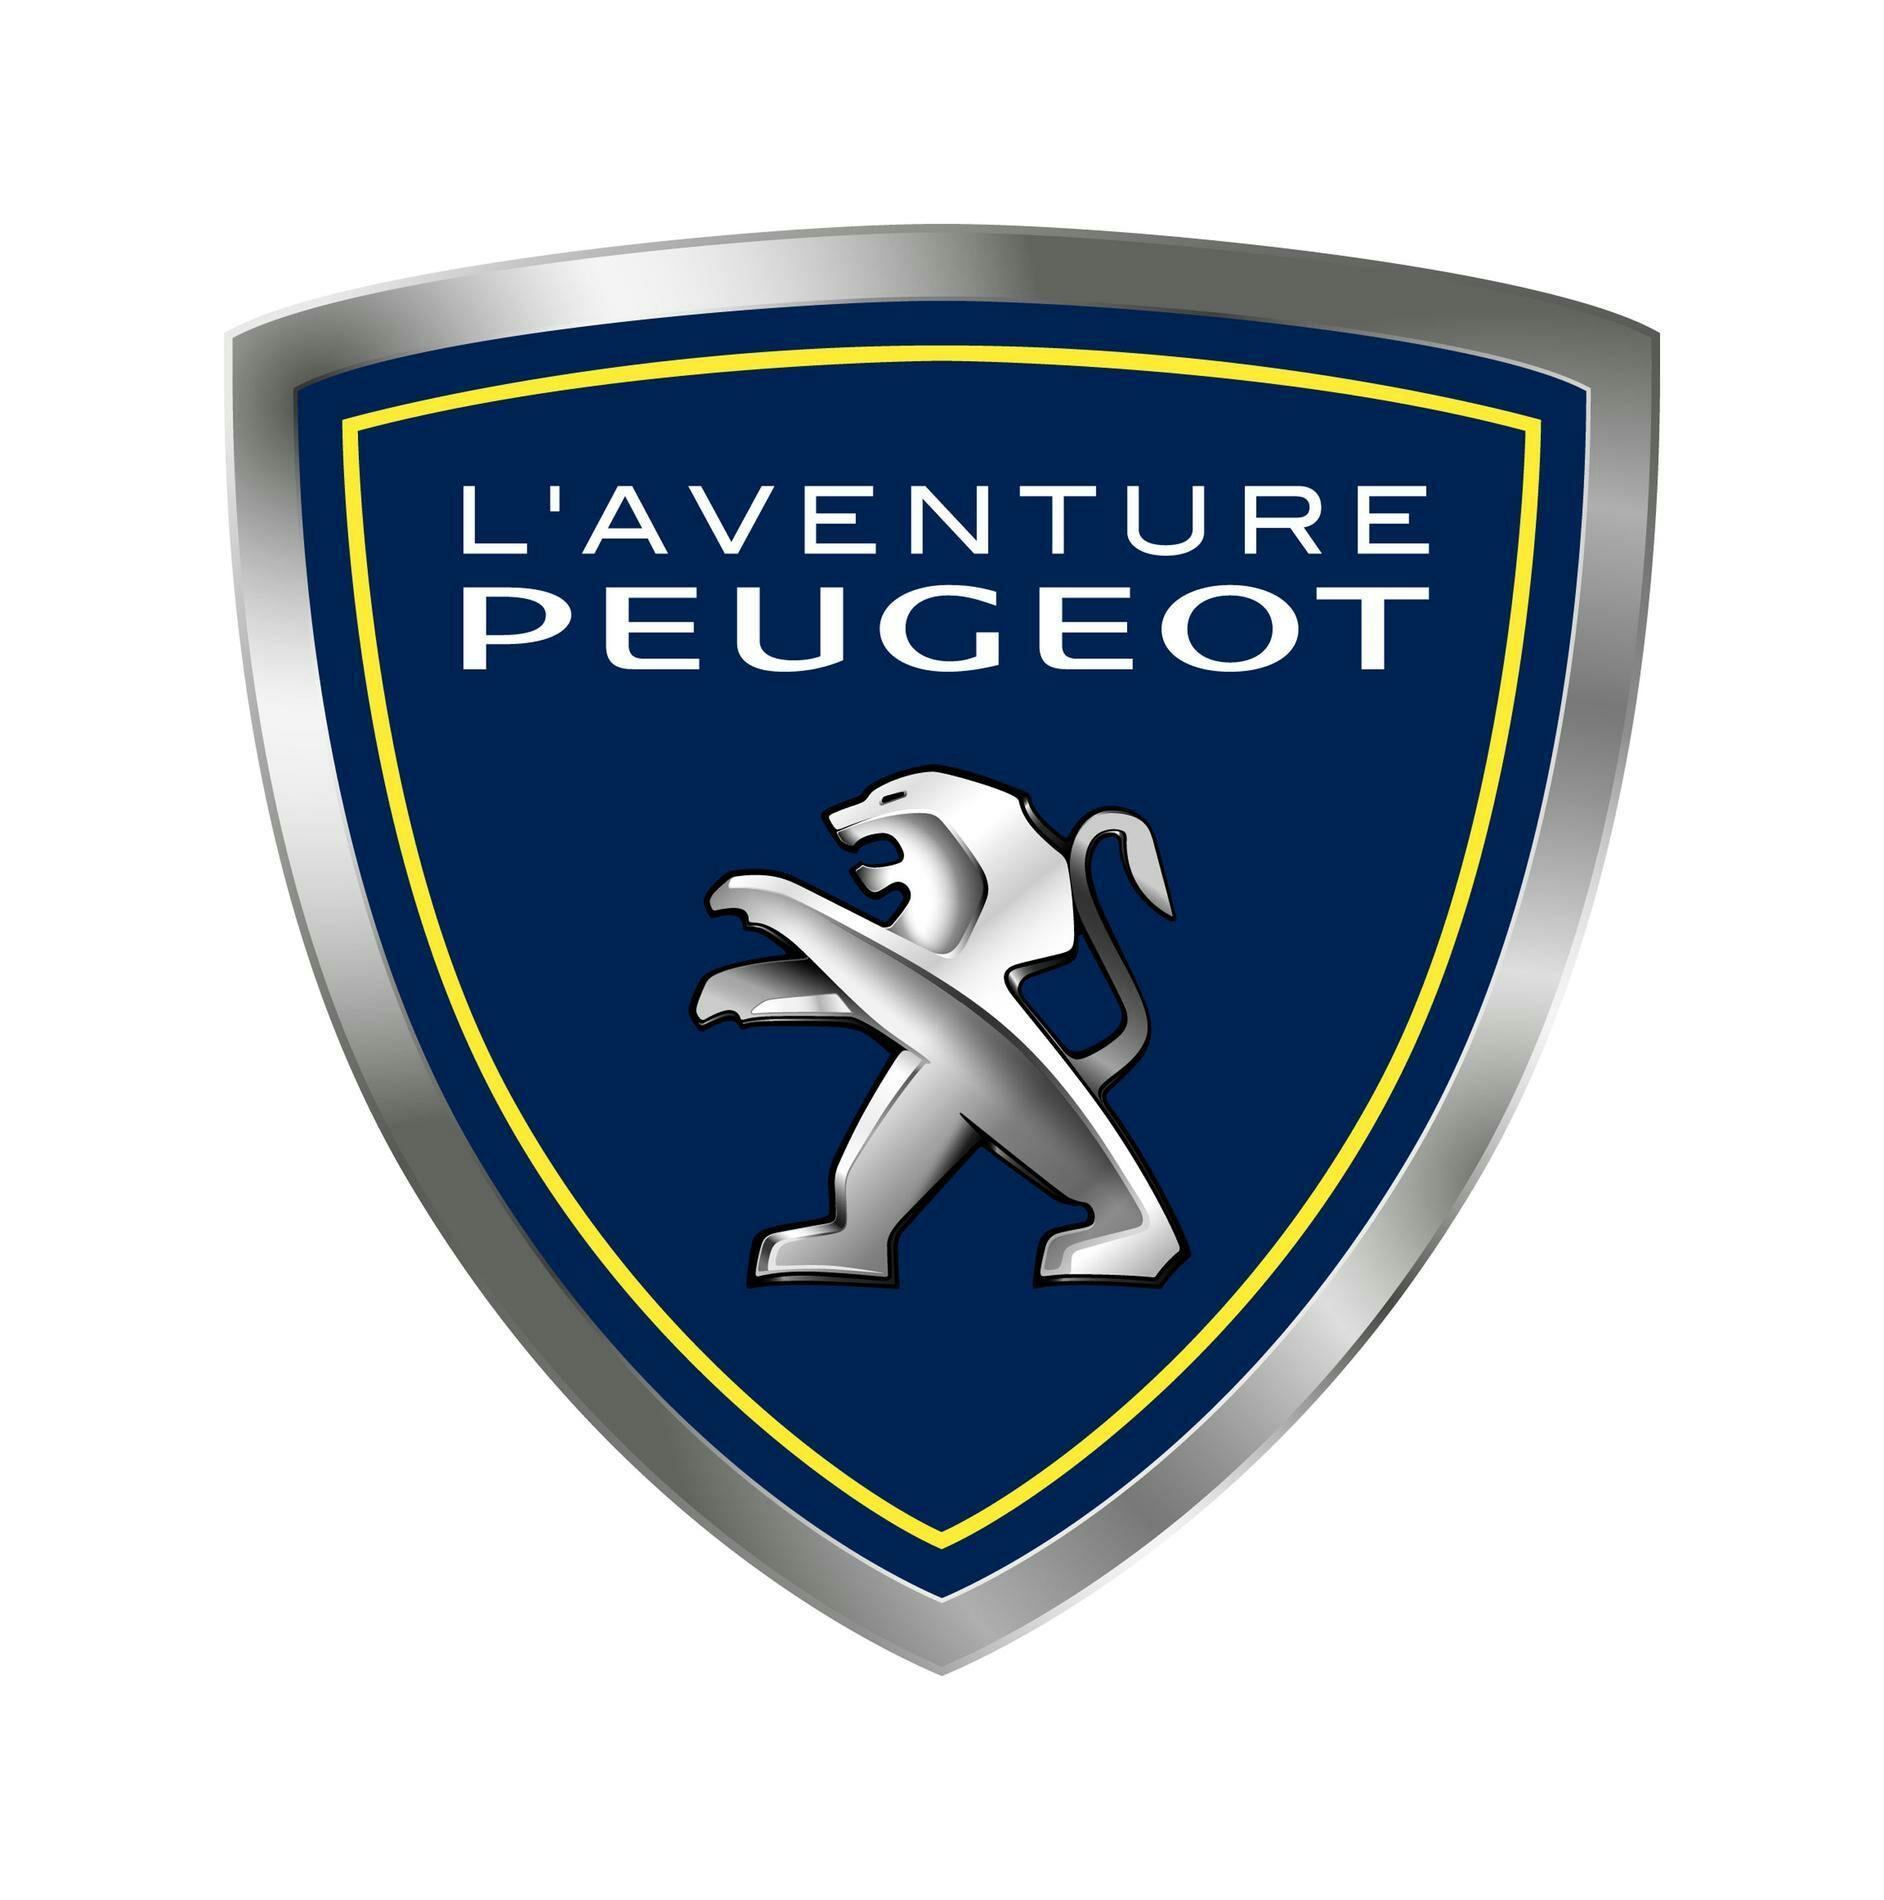 Entrée gratuite au Musée de l'Aventure Peugeot pour les moins de 12 ans durant les vacances de la Toussaint